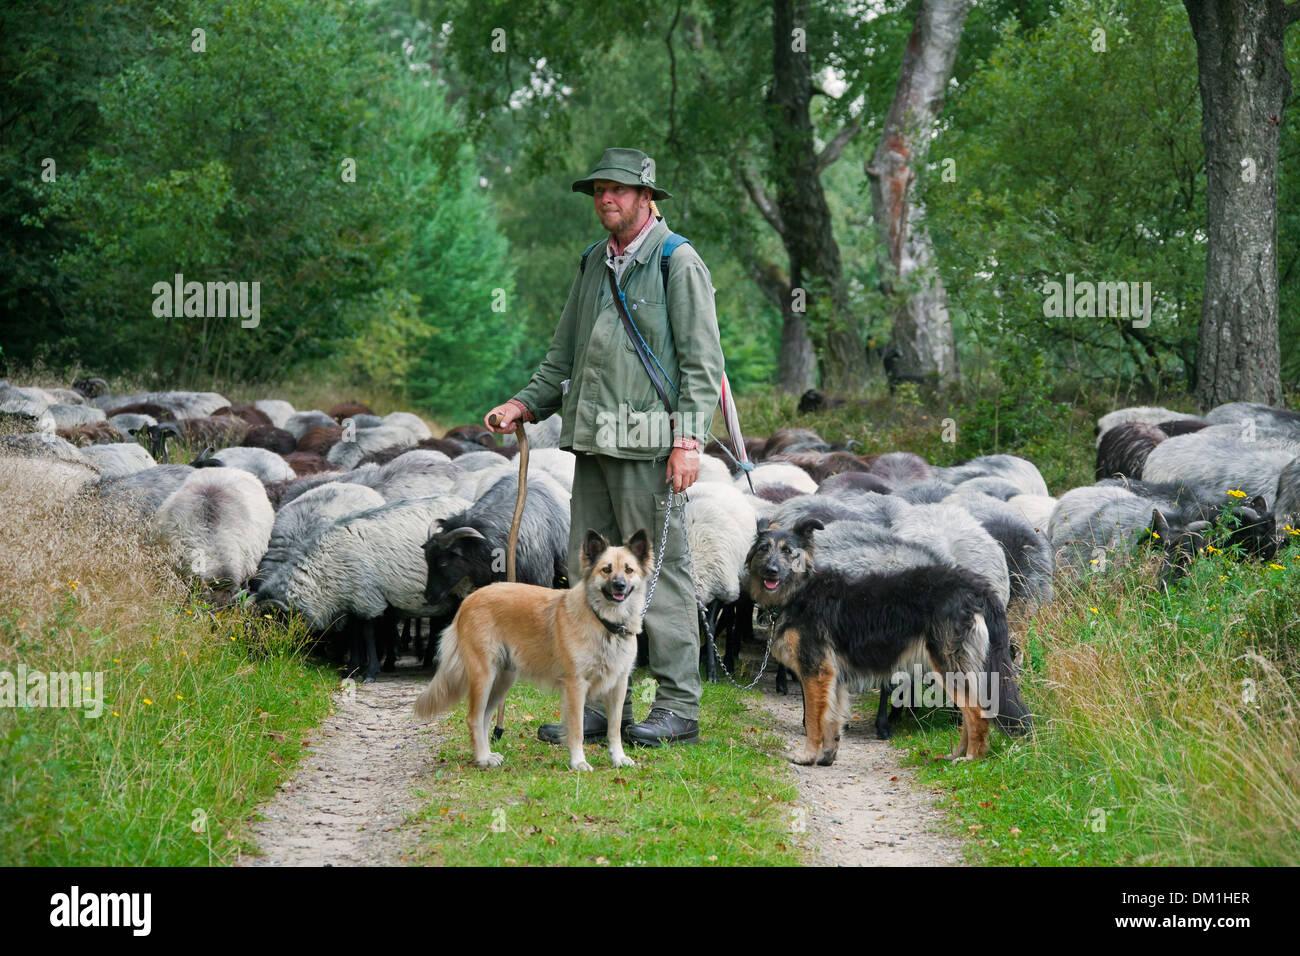 Pastor con perros de pastor pastoreando ovejas de Heidschnucke, raza de ovejas de páramos en Lüneburg Heath / Lunenburg brezales, Alemania Foto de stock